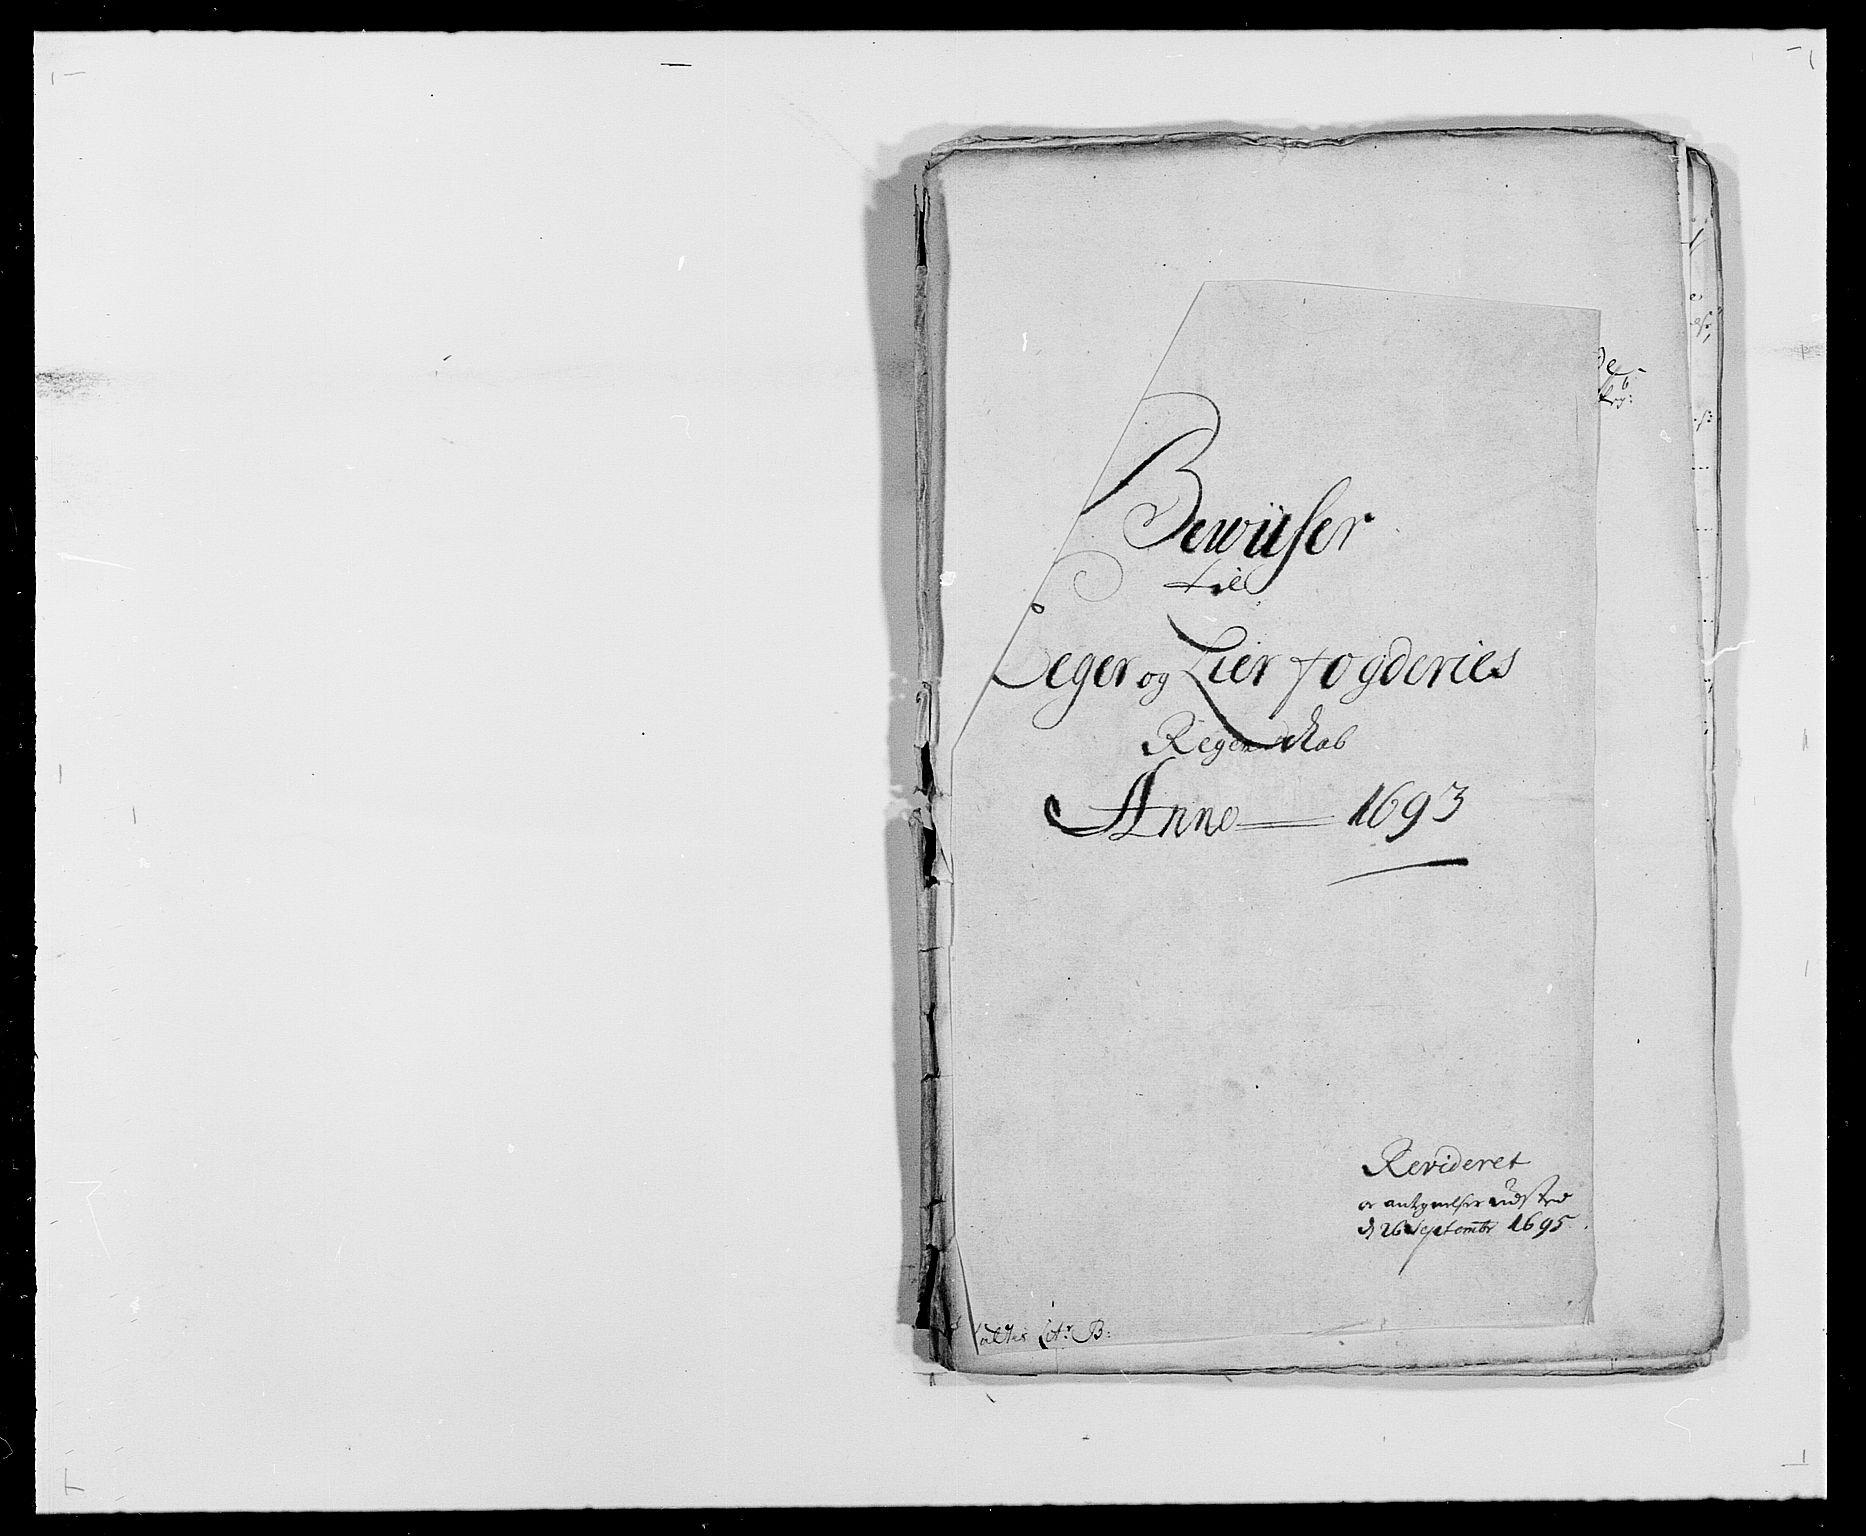 RA, Rentekammeret inntil 1814, Reviderte regnskaper, Fogderegnskap, R28/L1690: Fogderegnskap Eiker og Lier, 1692-1693, s. 223